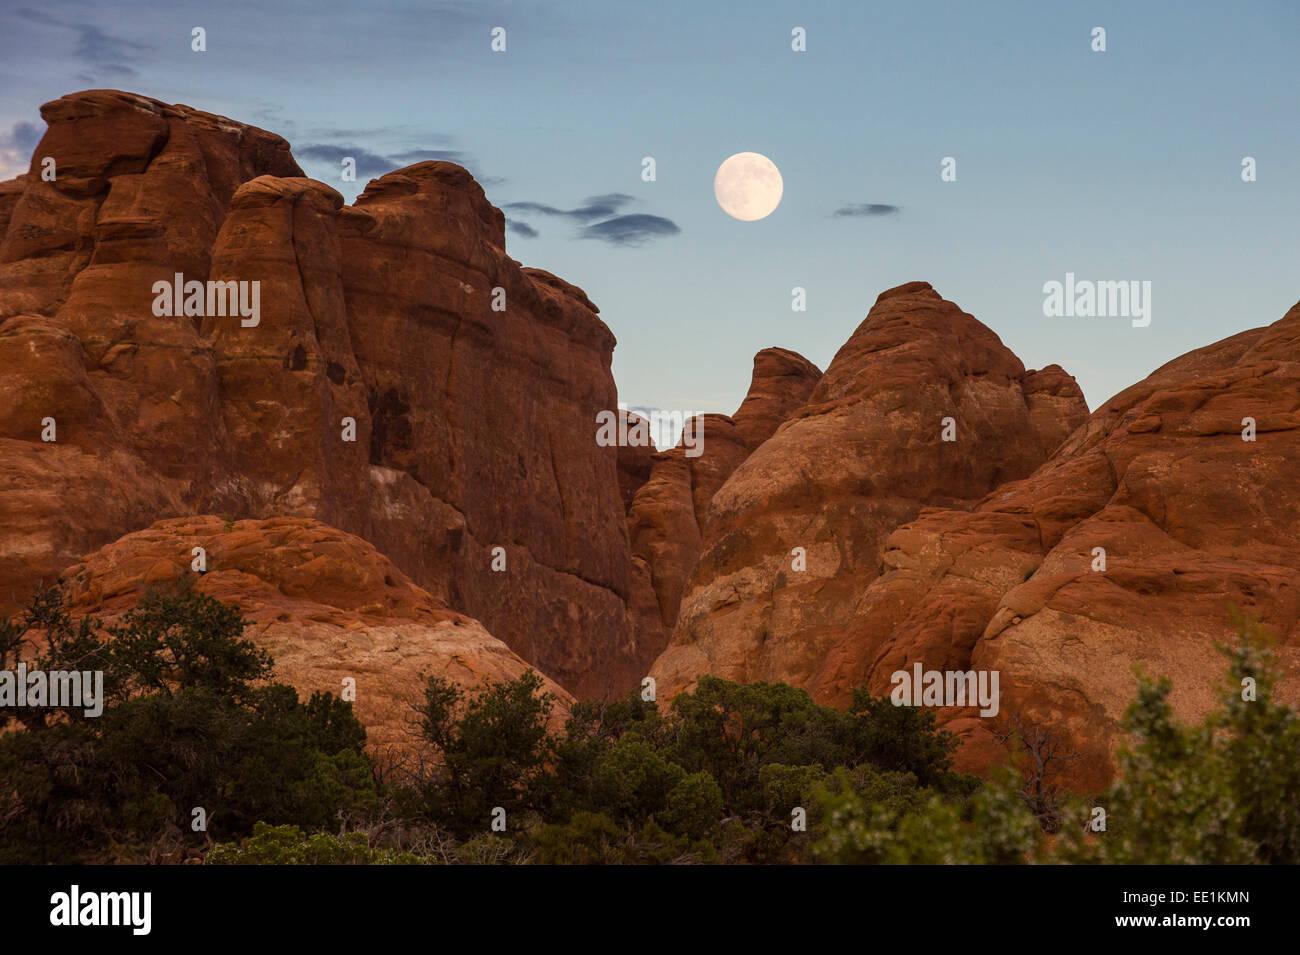 Pleine lune sur fournaise ardente, un labyrinthe comme passage, Arches National Park, Utah, États-Unis d'Amérique, Photo Stock